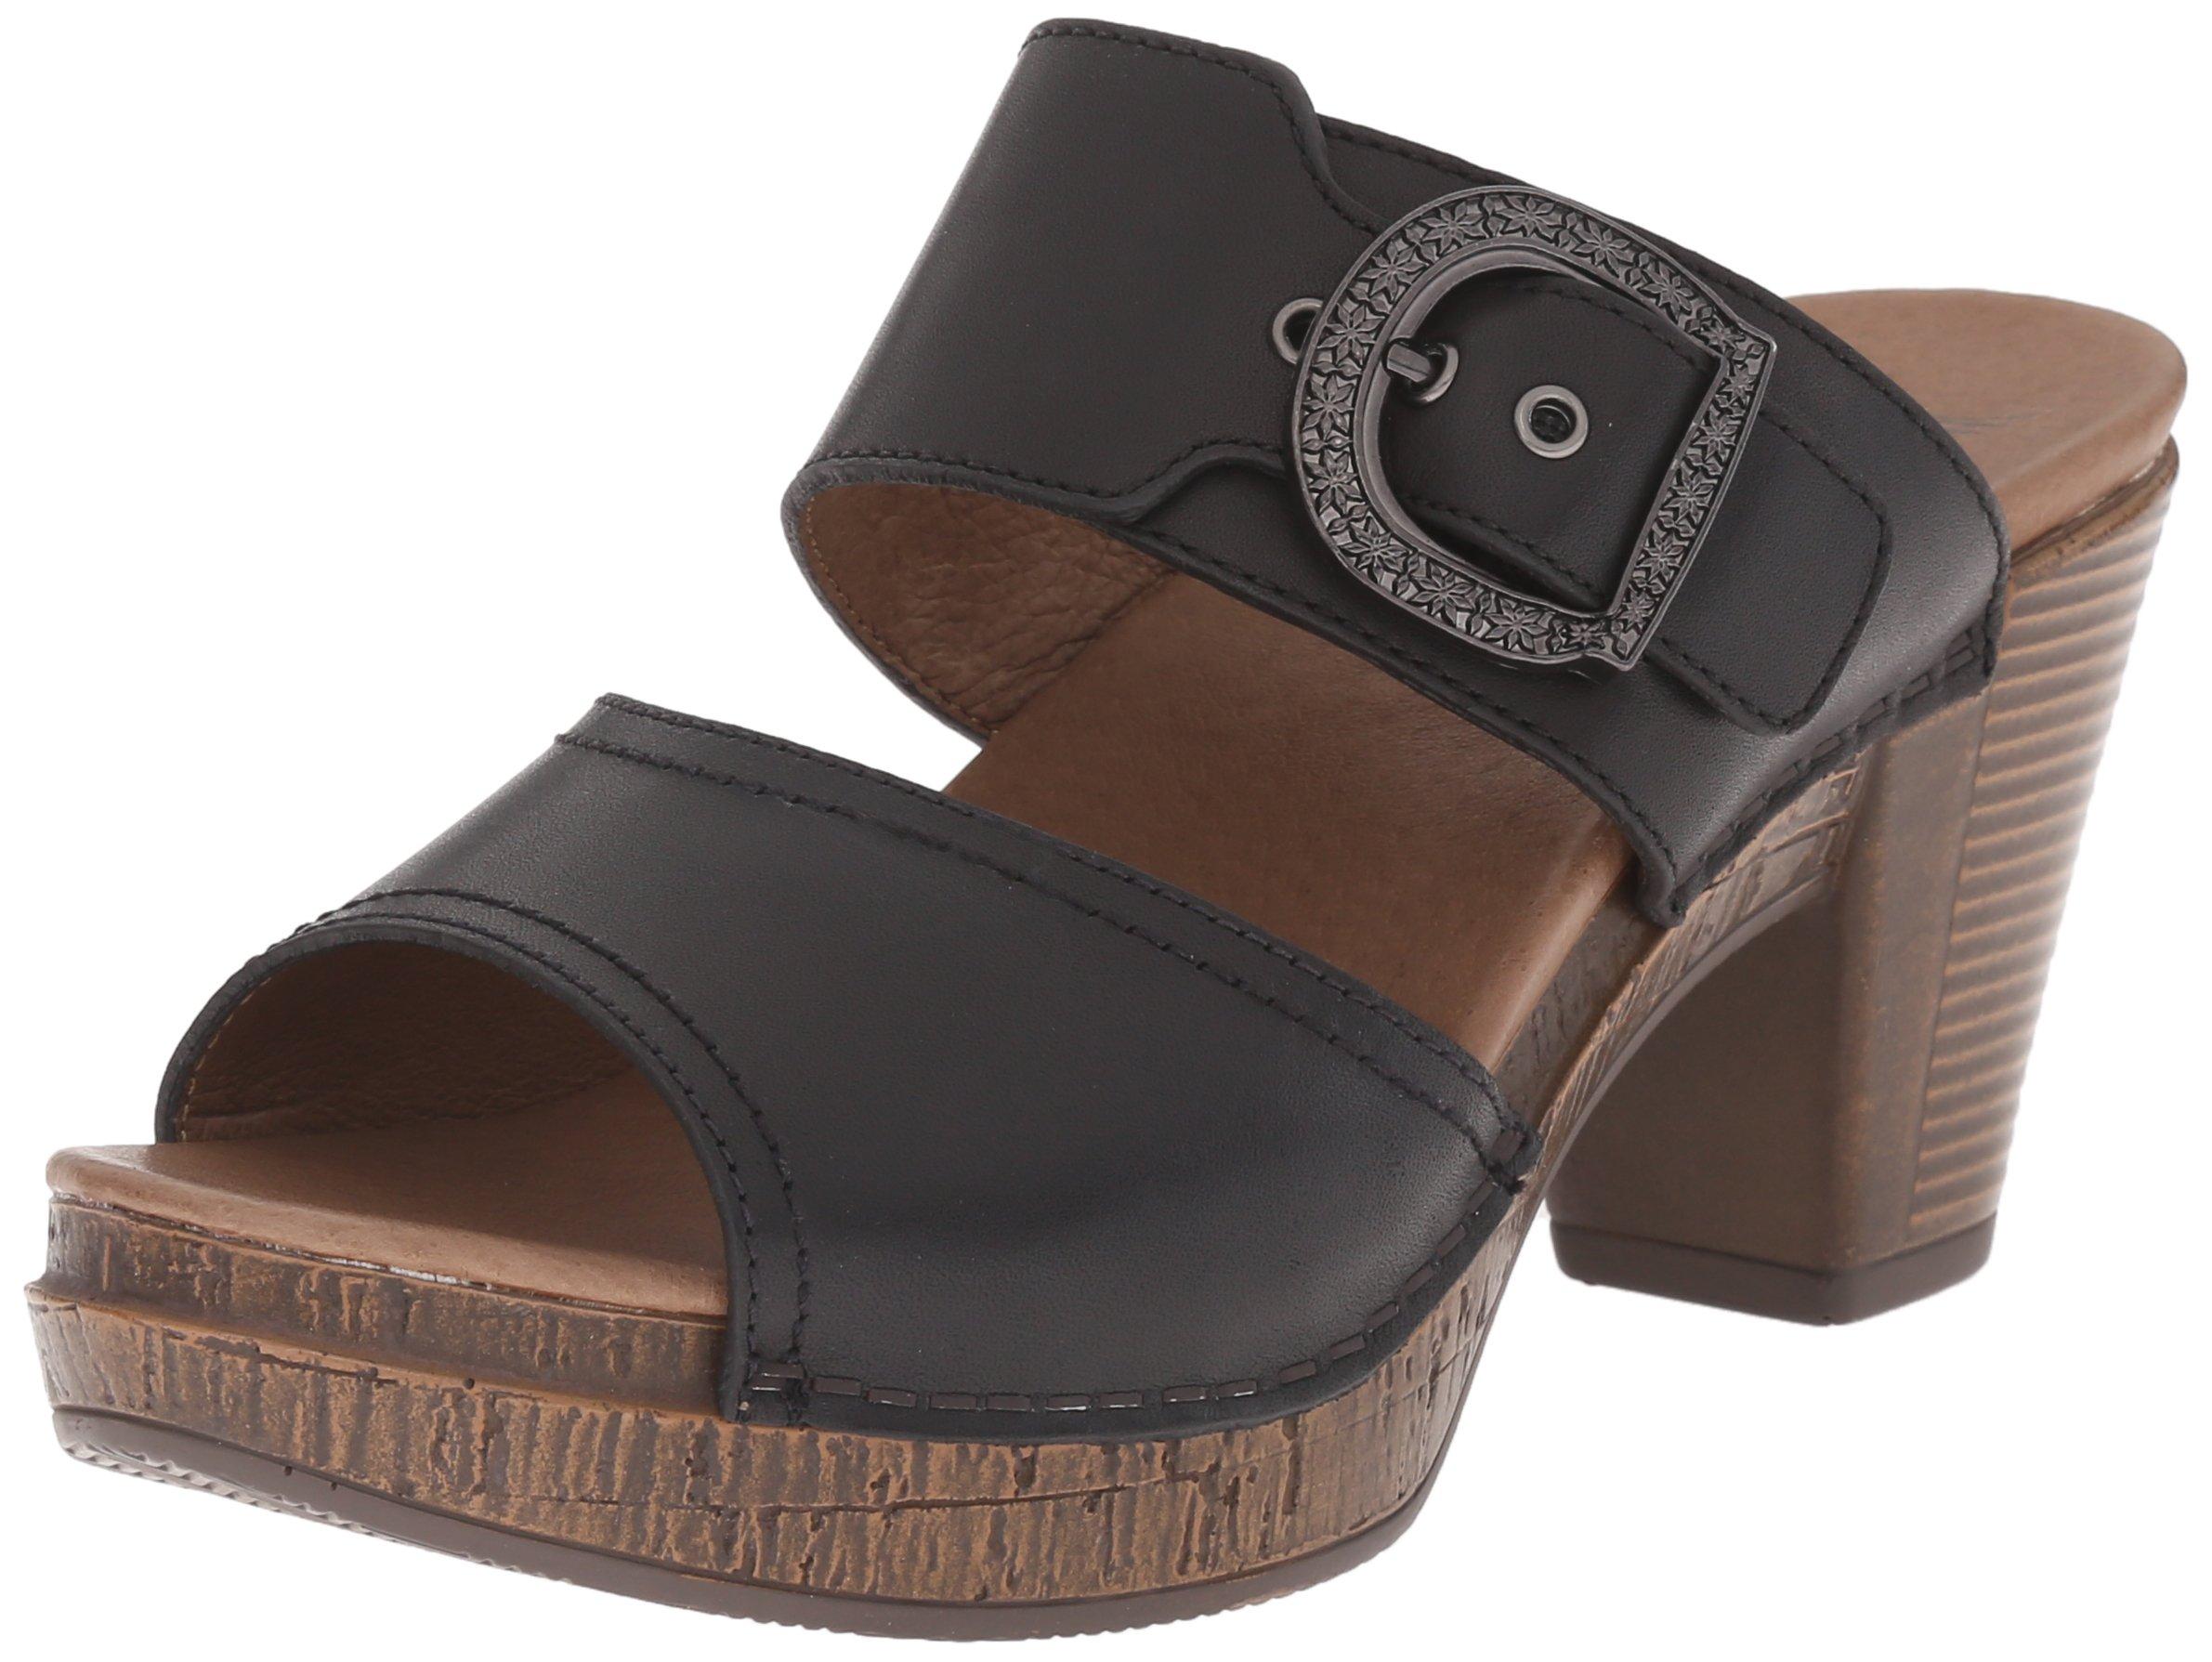 Dansko Women's Ramona Slide Sandal, Black Full Grain, 40 EU/9.5-10 M US